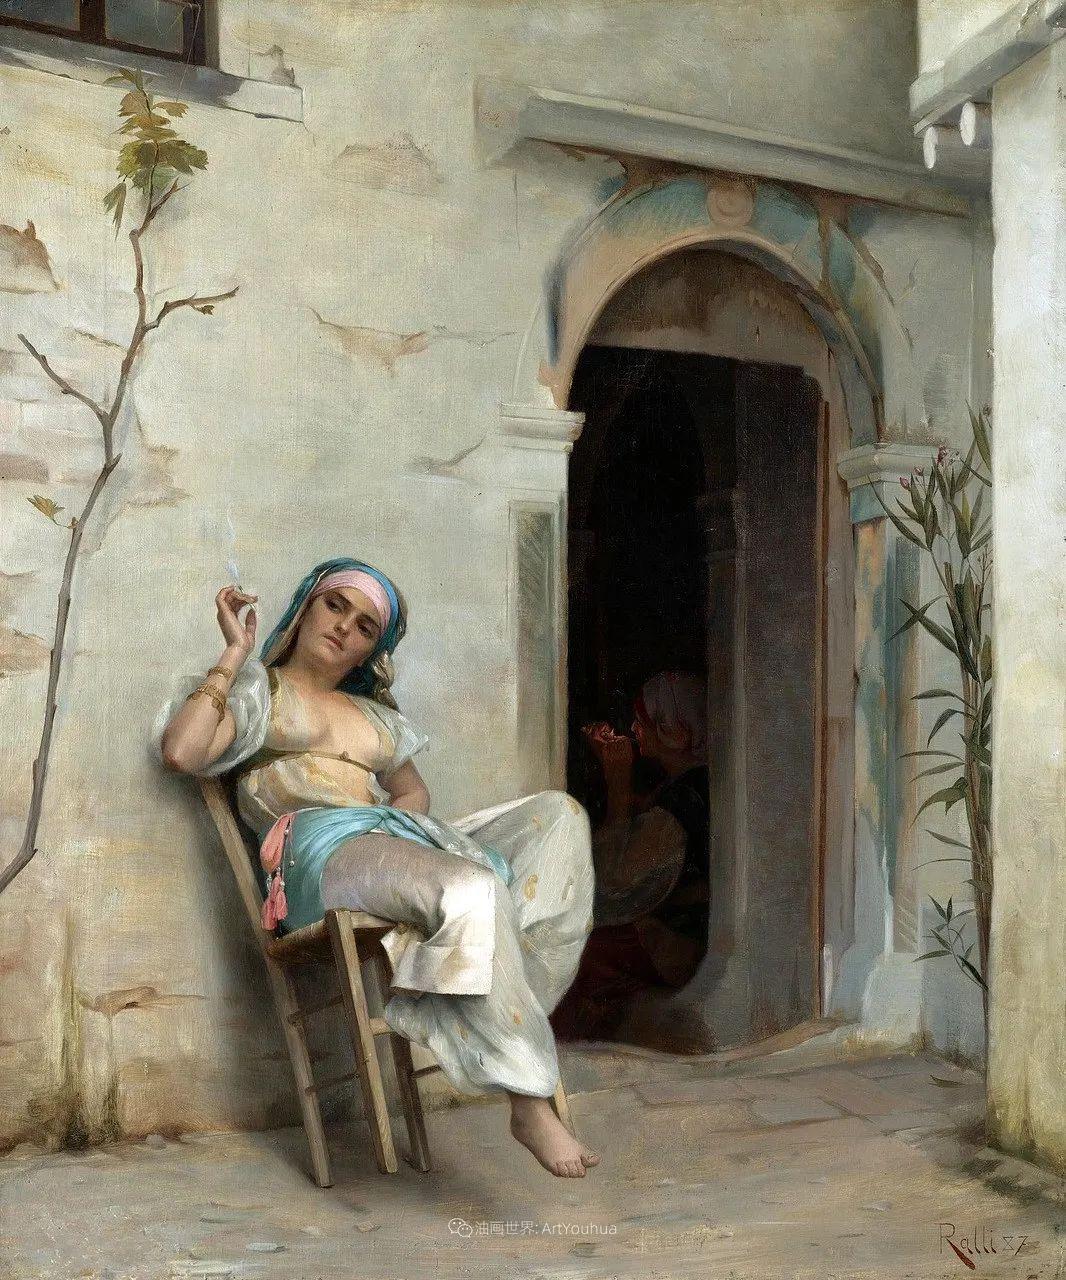 微妙而动人的绘画,希腊画家蒂奥多·拉利插图13